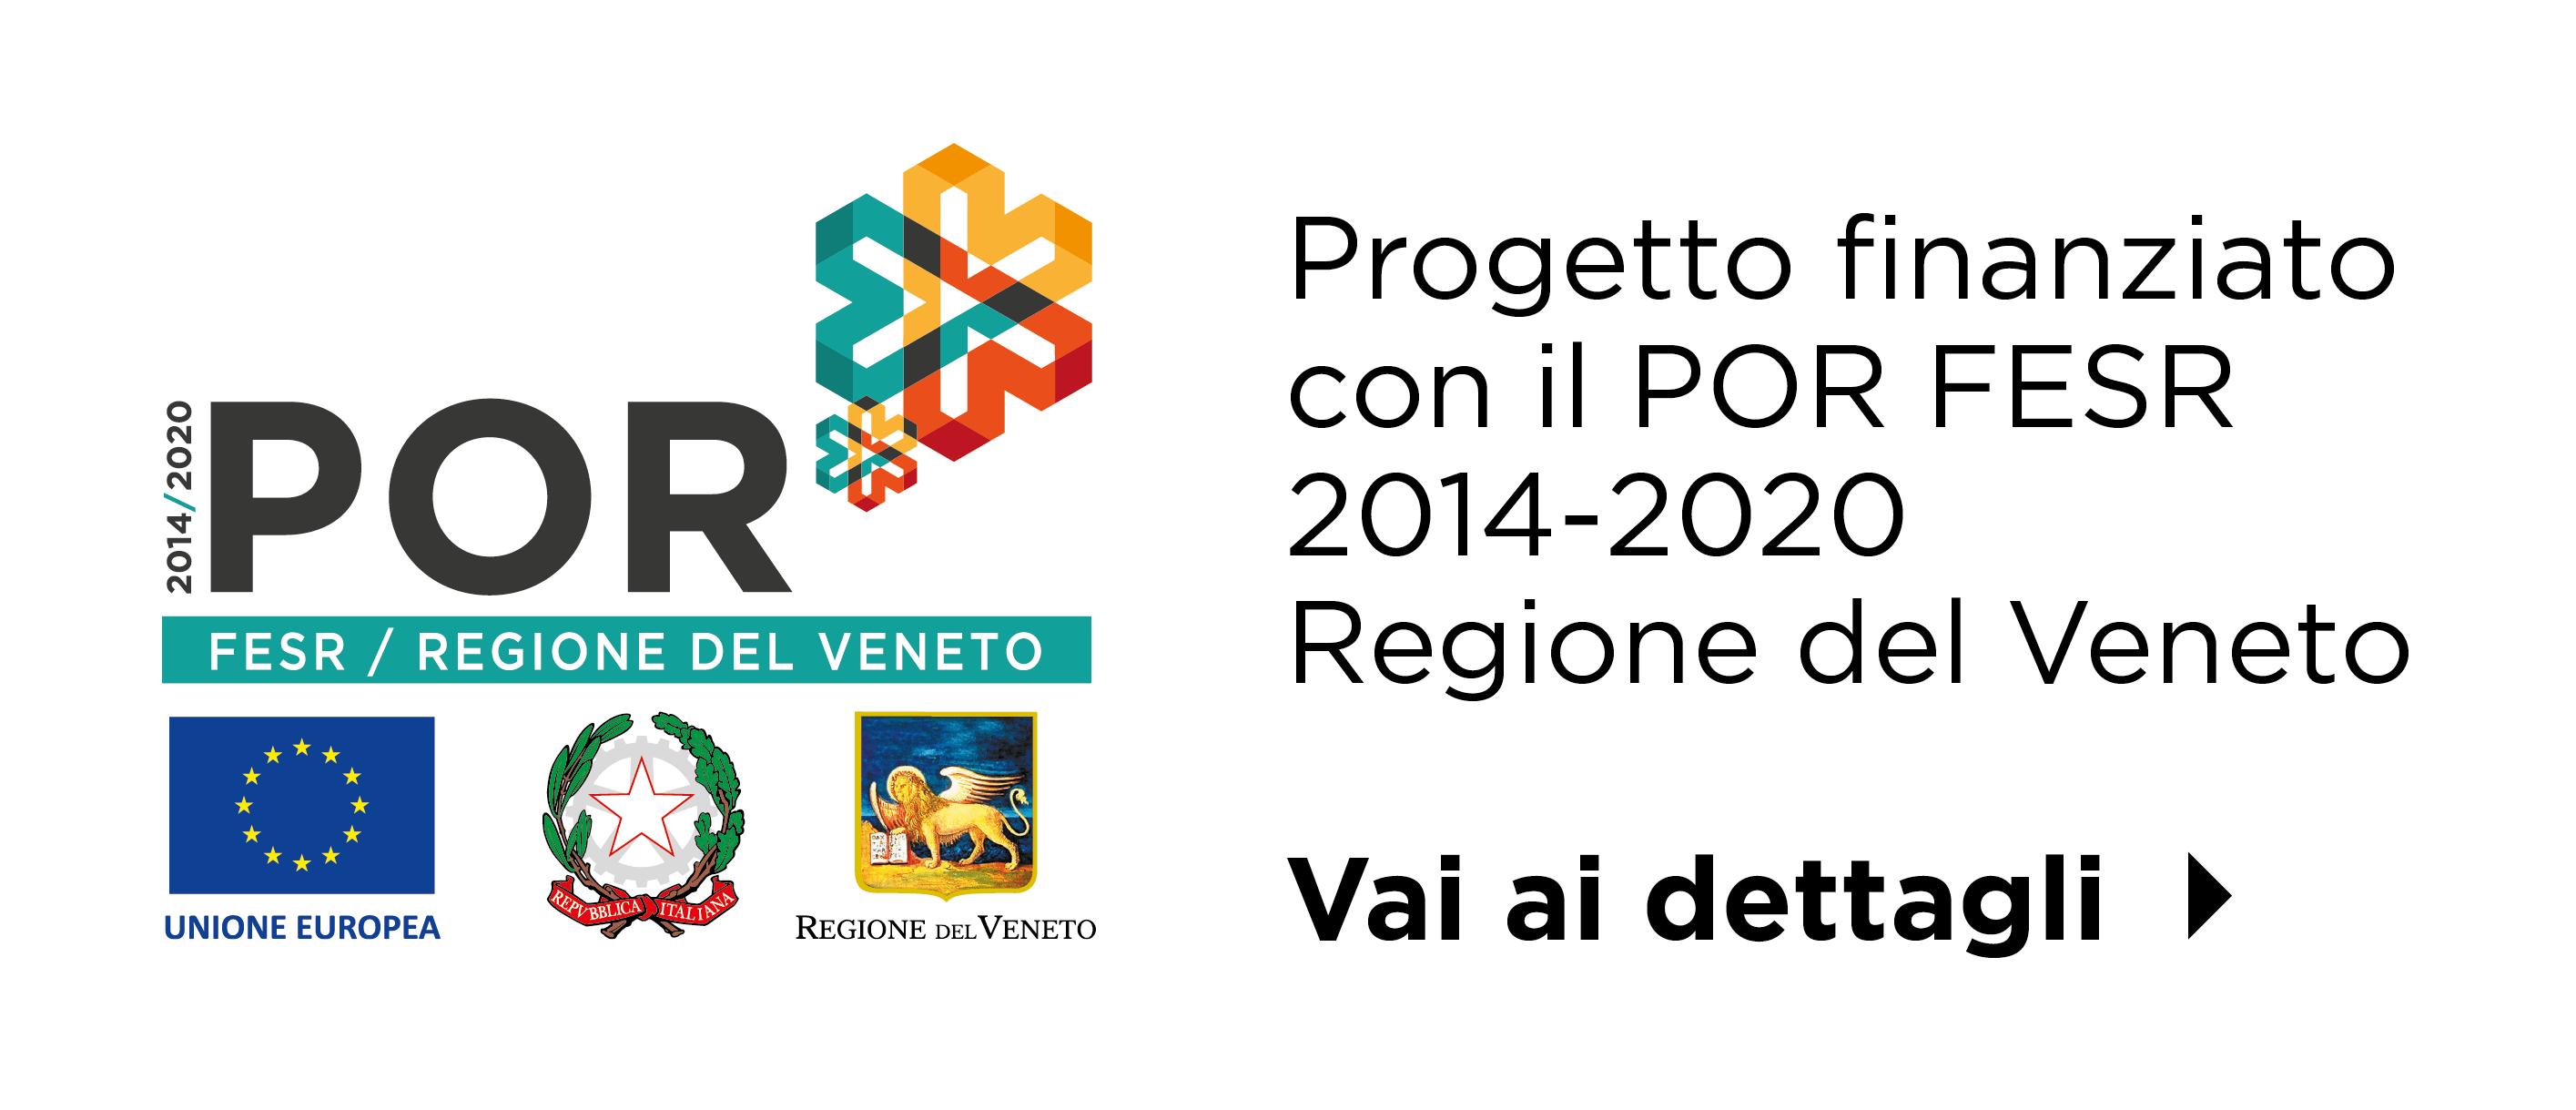 L'azienda ha avuto modo di realizzare tale progetto grazie al sostegno ottenuto dal POR FESR 2014-2020